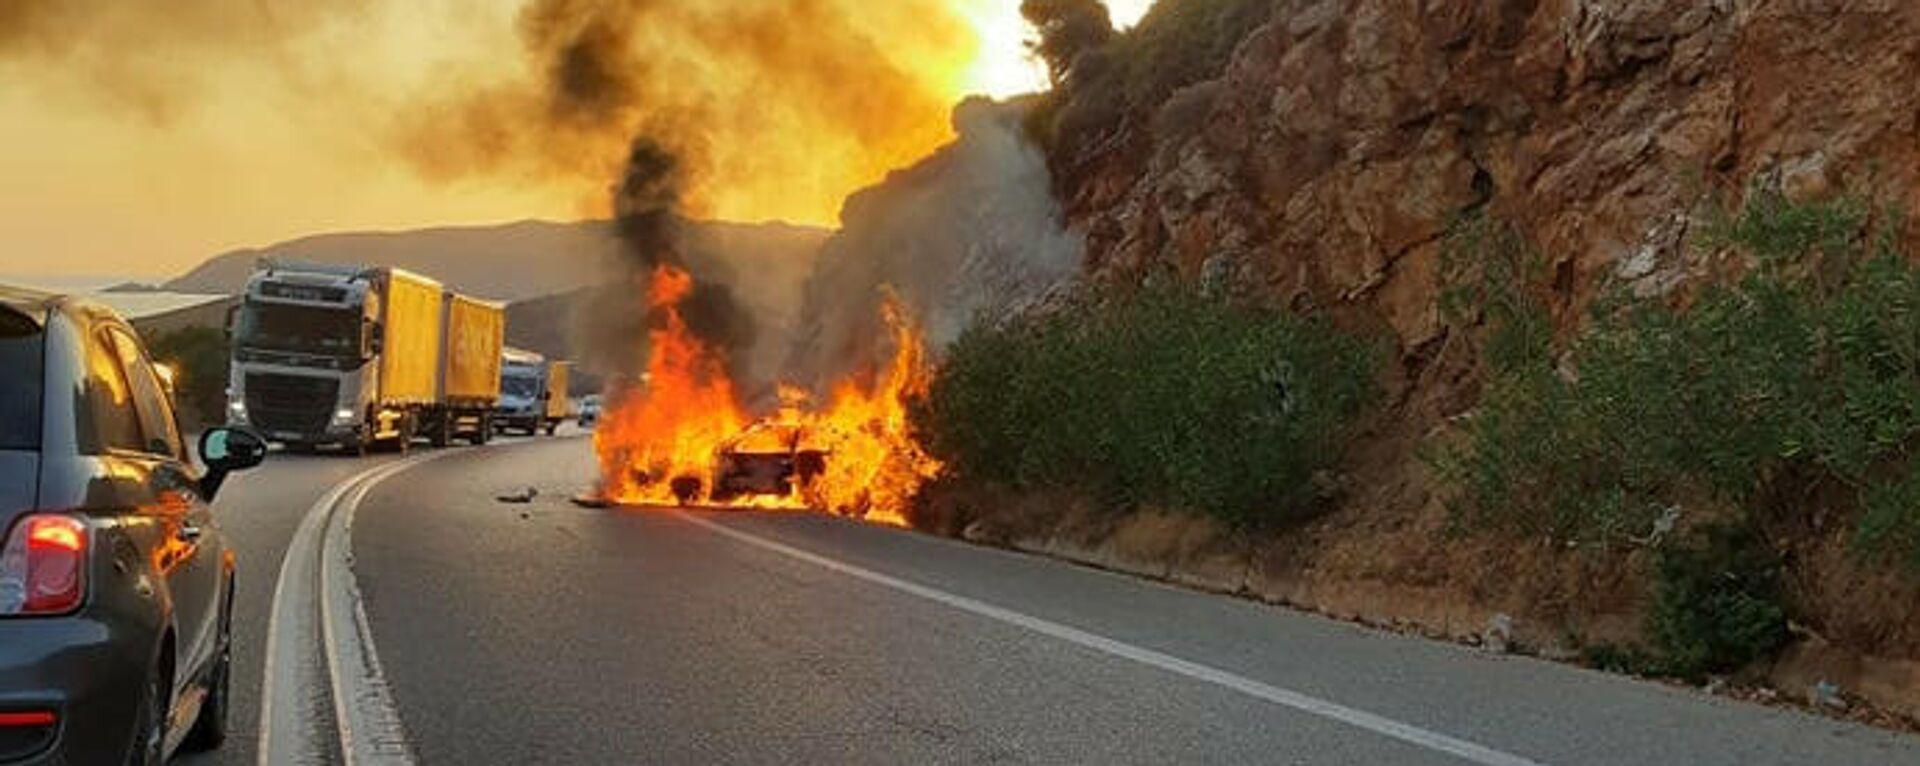 Κρήτη: Αυτοκίνητο τυλίχθηκε στις φλόγες στην Εθνική Οδό - Sputnik Ελλάδα, 1920, 08.10.2021